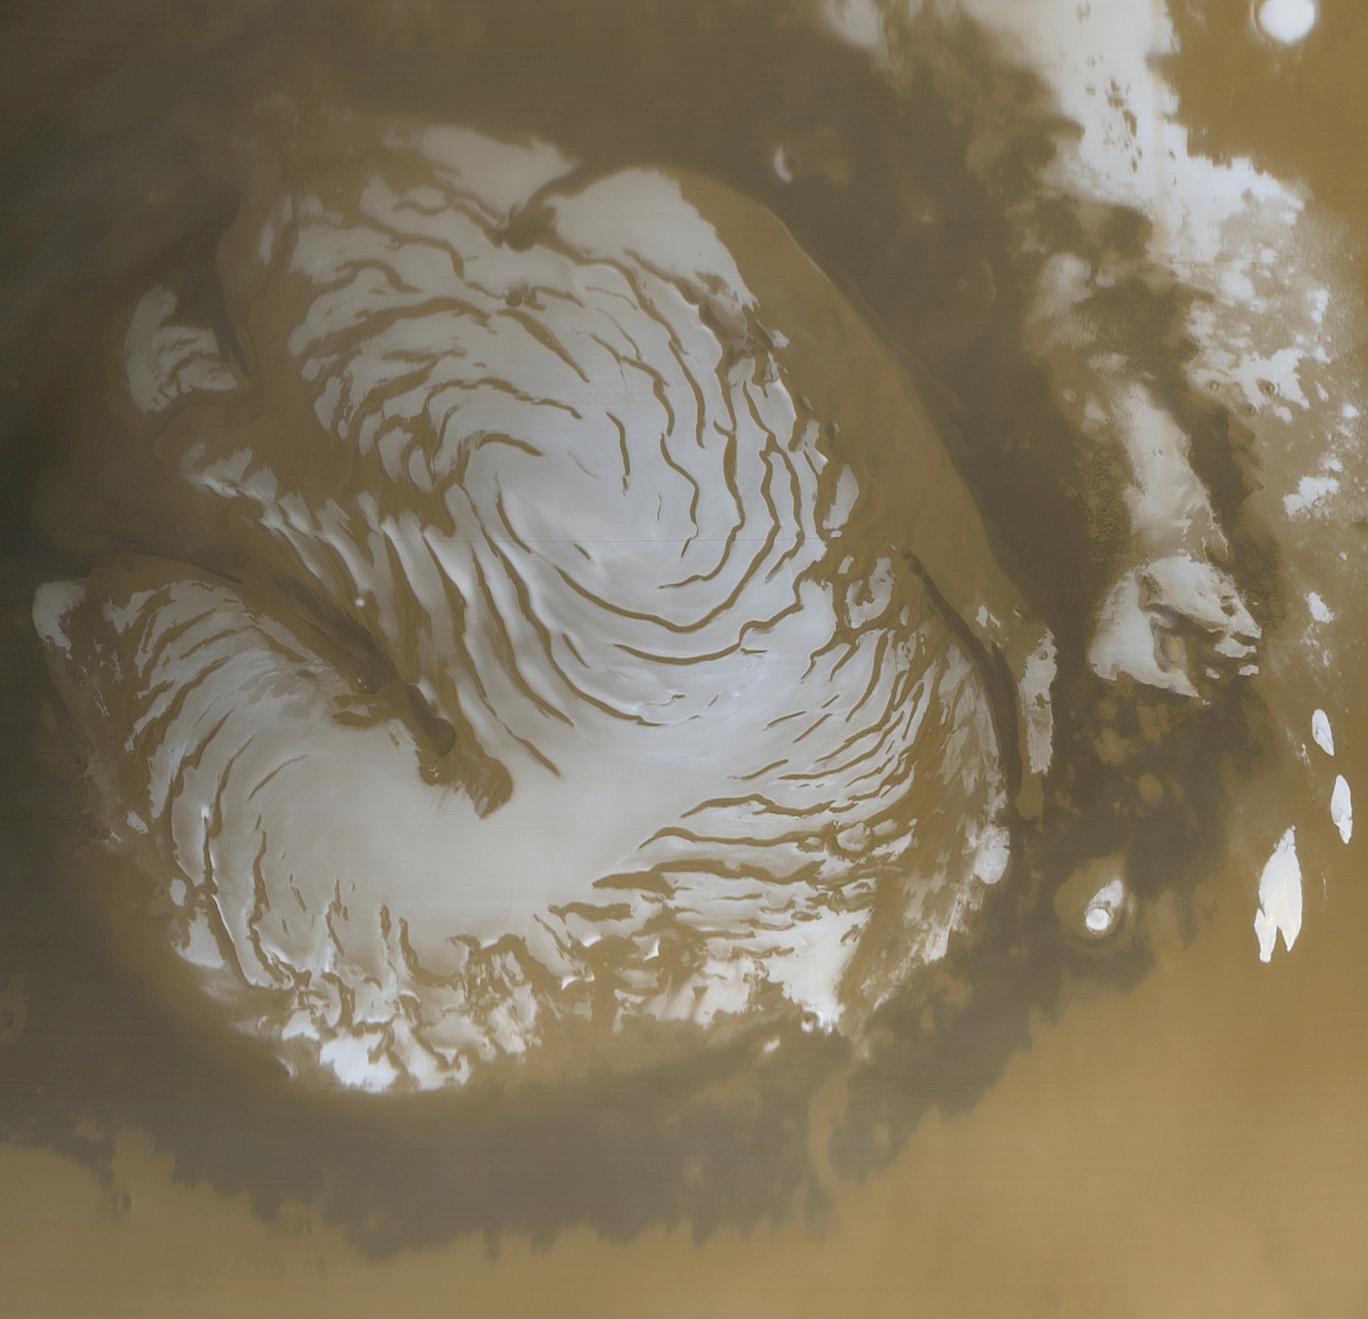 Mars North Polar Cap, 1999. Image Credit: NASA/JPL/Malin Space Science Systems